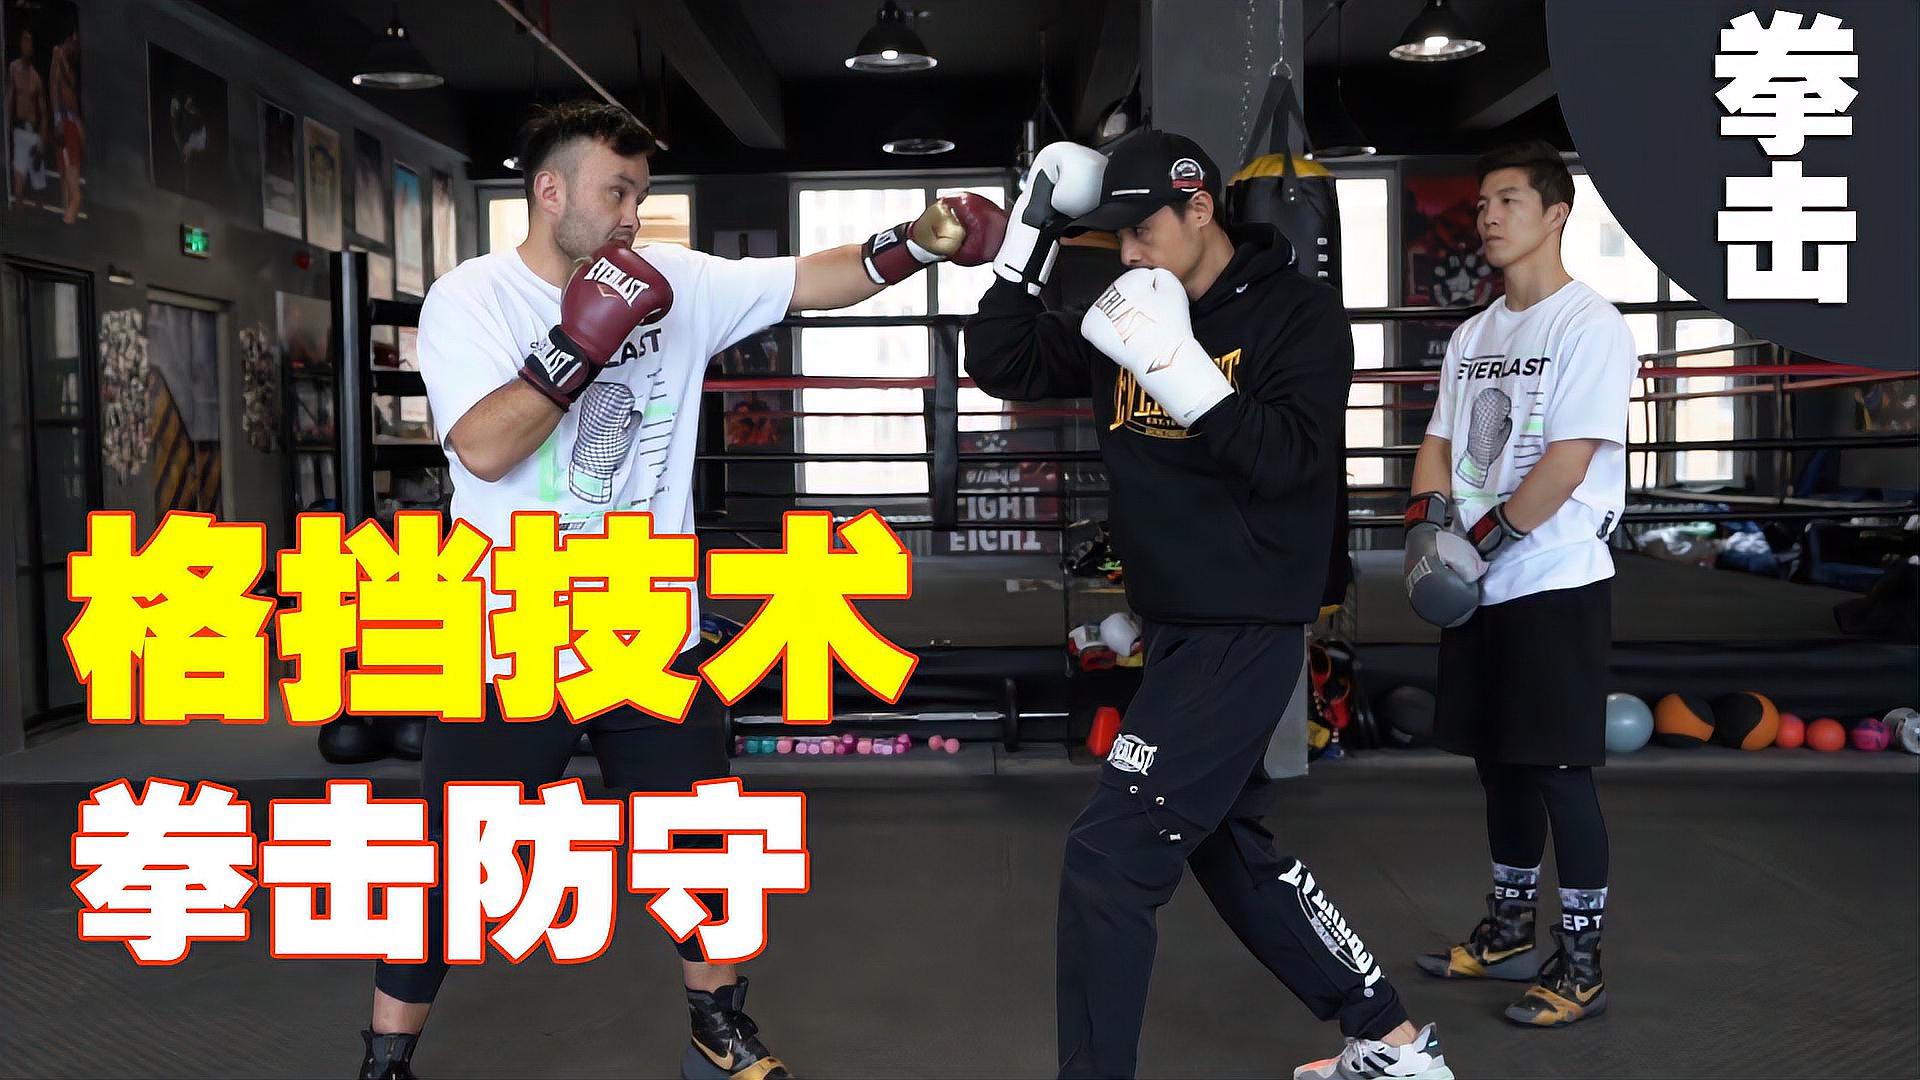 拳击的格挡怎么做?中国拳王示范正确做法,一点也不难